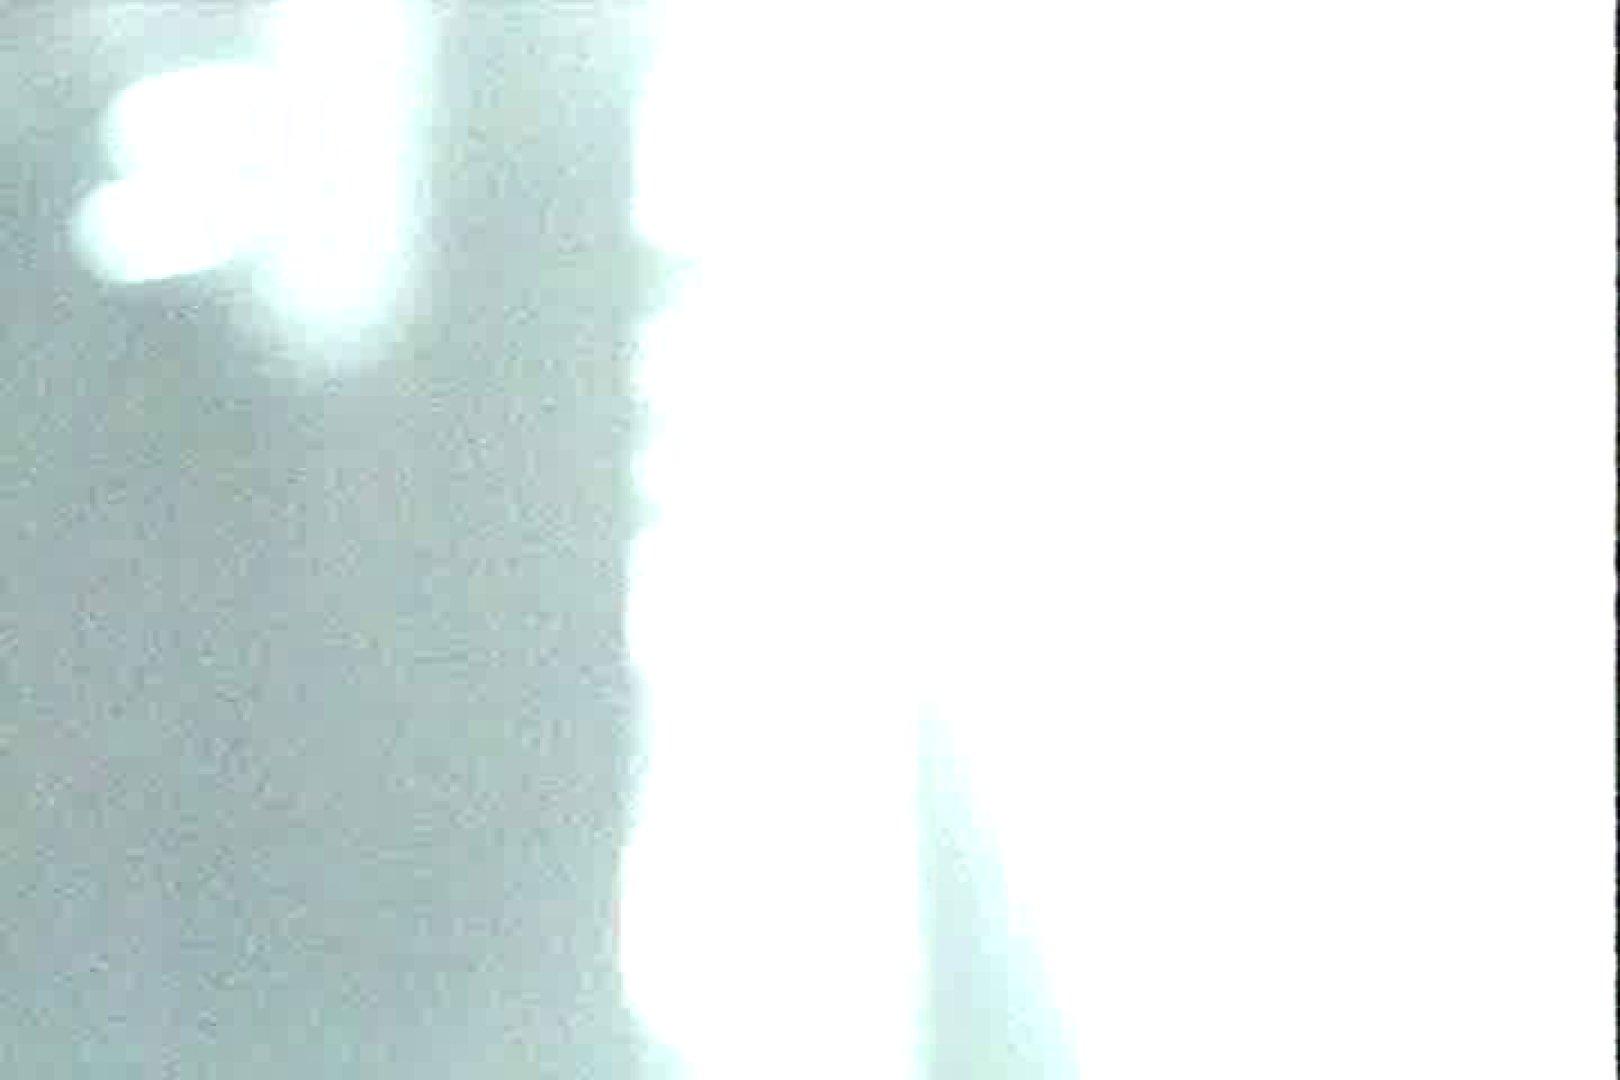 充血監督の深夜の運動会Vol.39 カップル  79pic 24